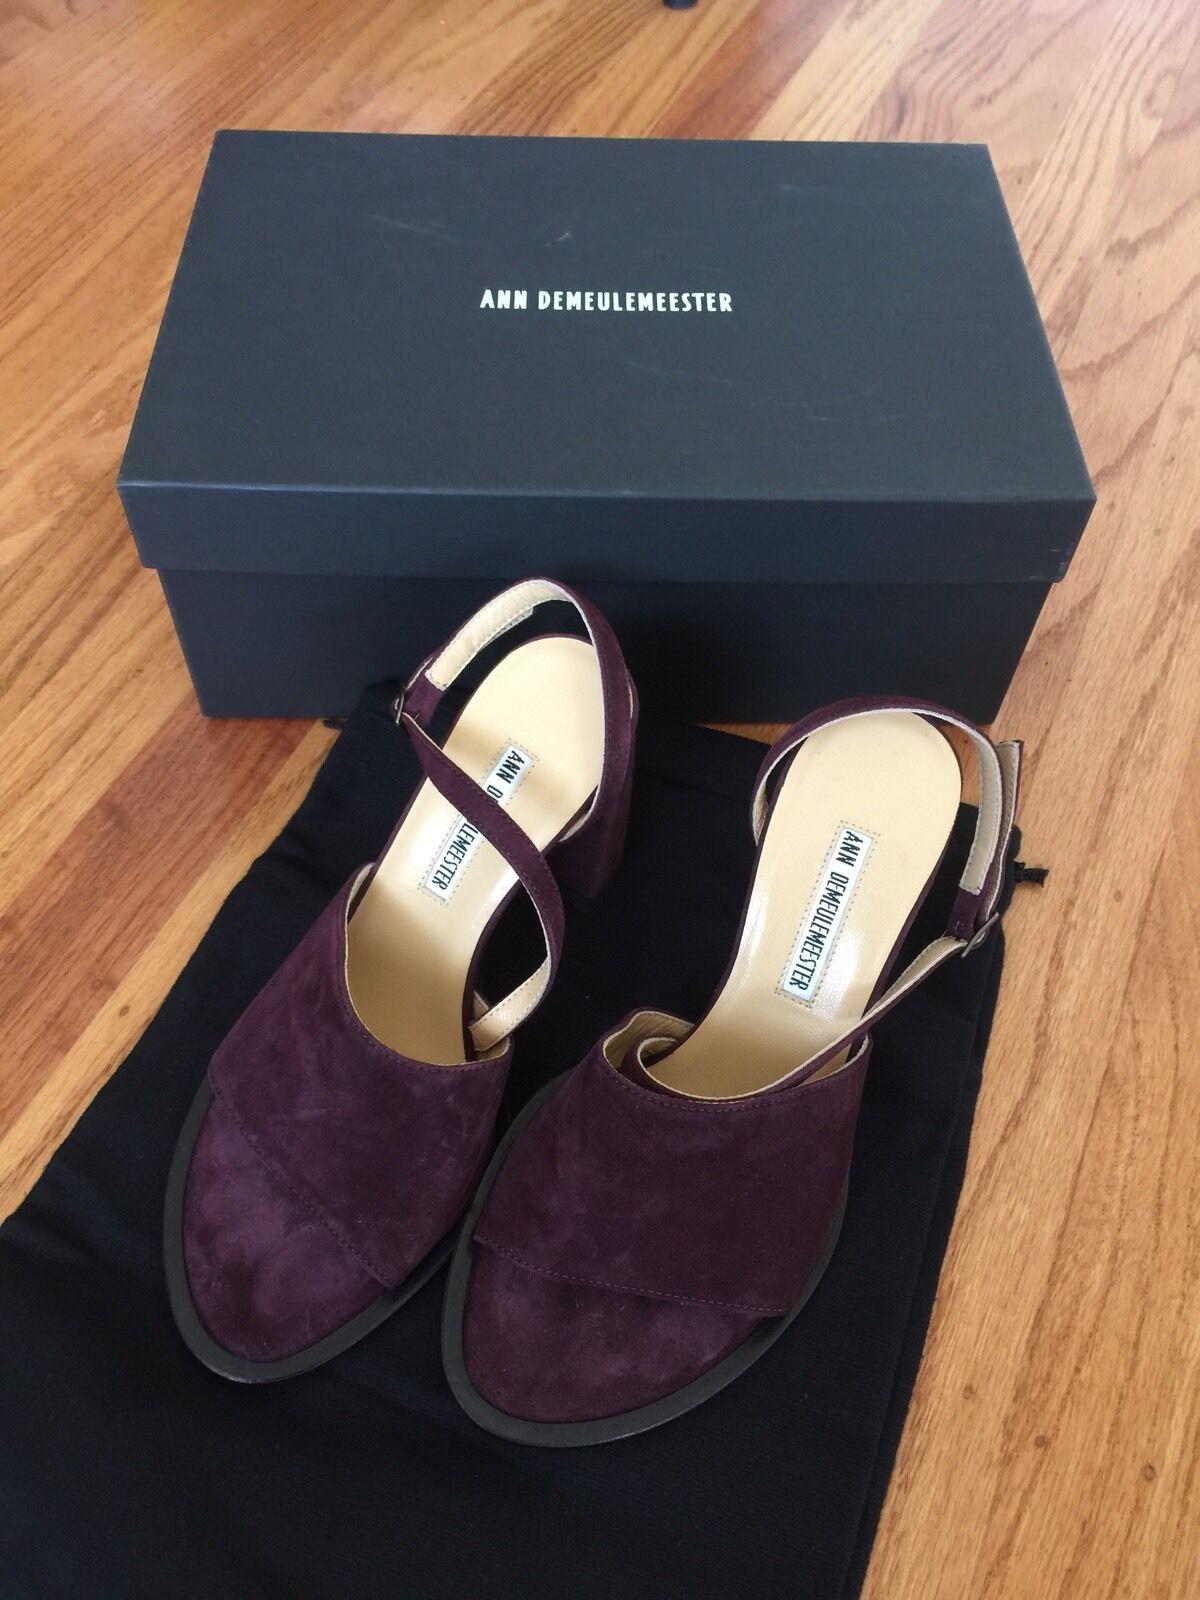 Ann Demeuulester  prugne pompa NEW 36  shopping online di moda